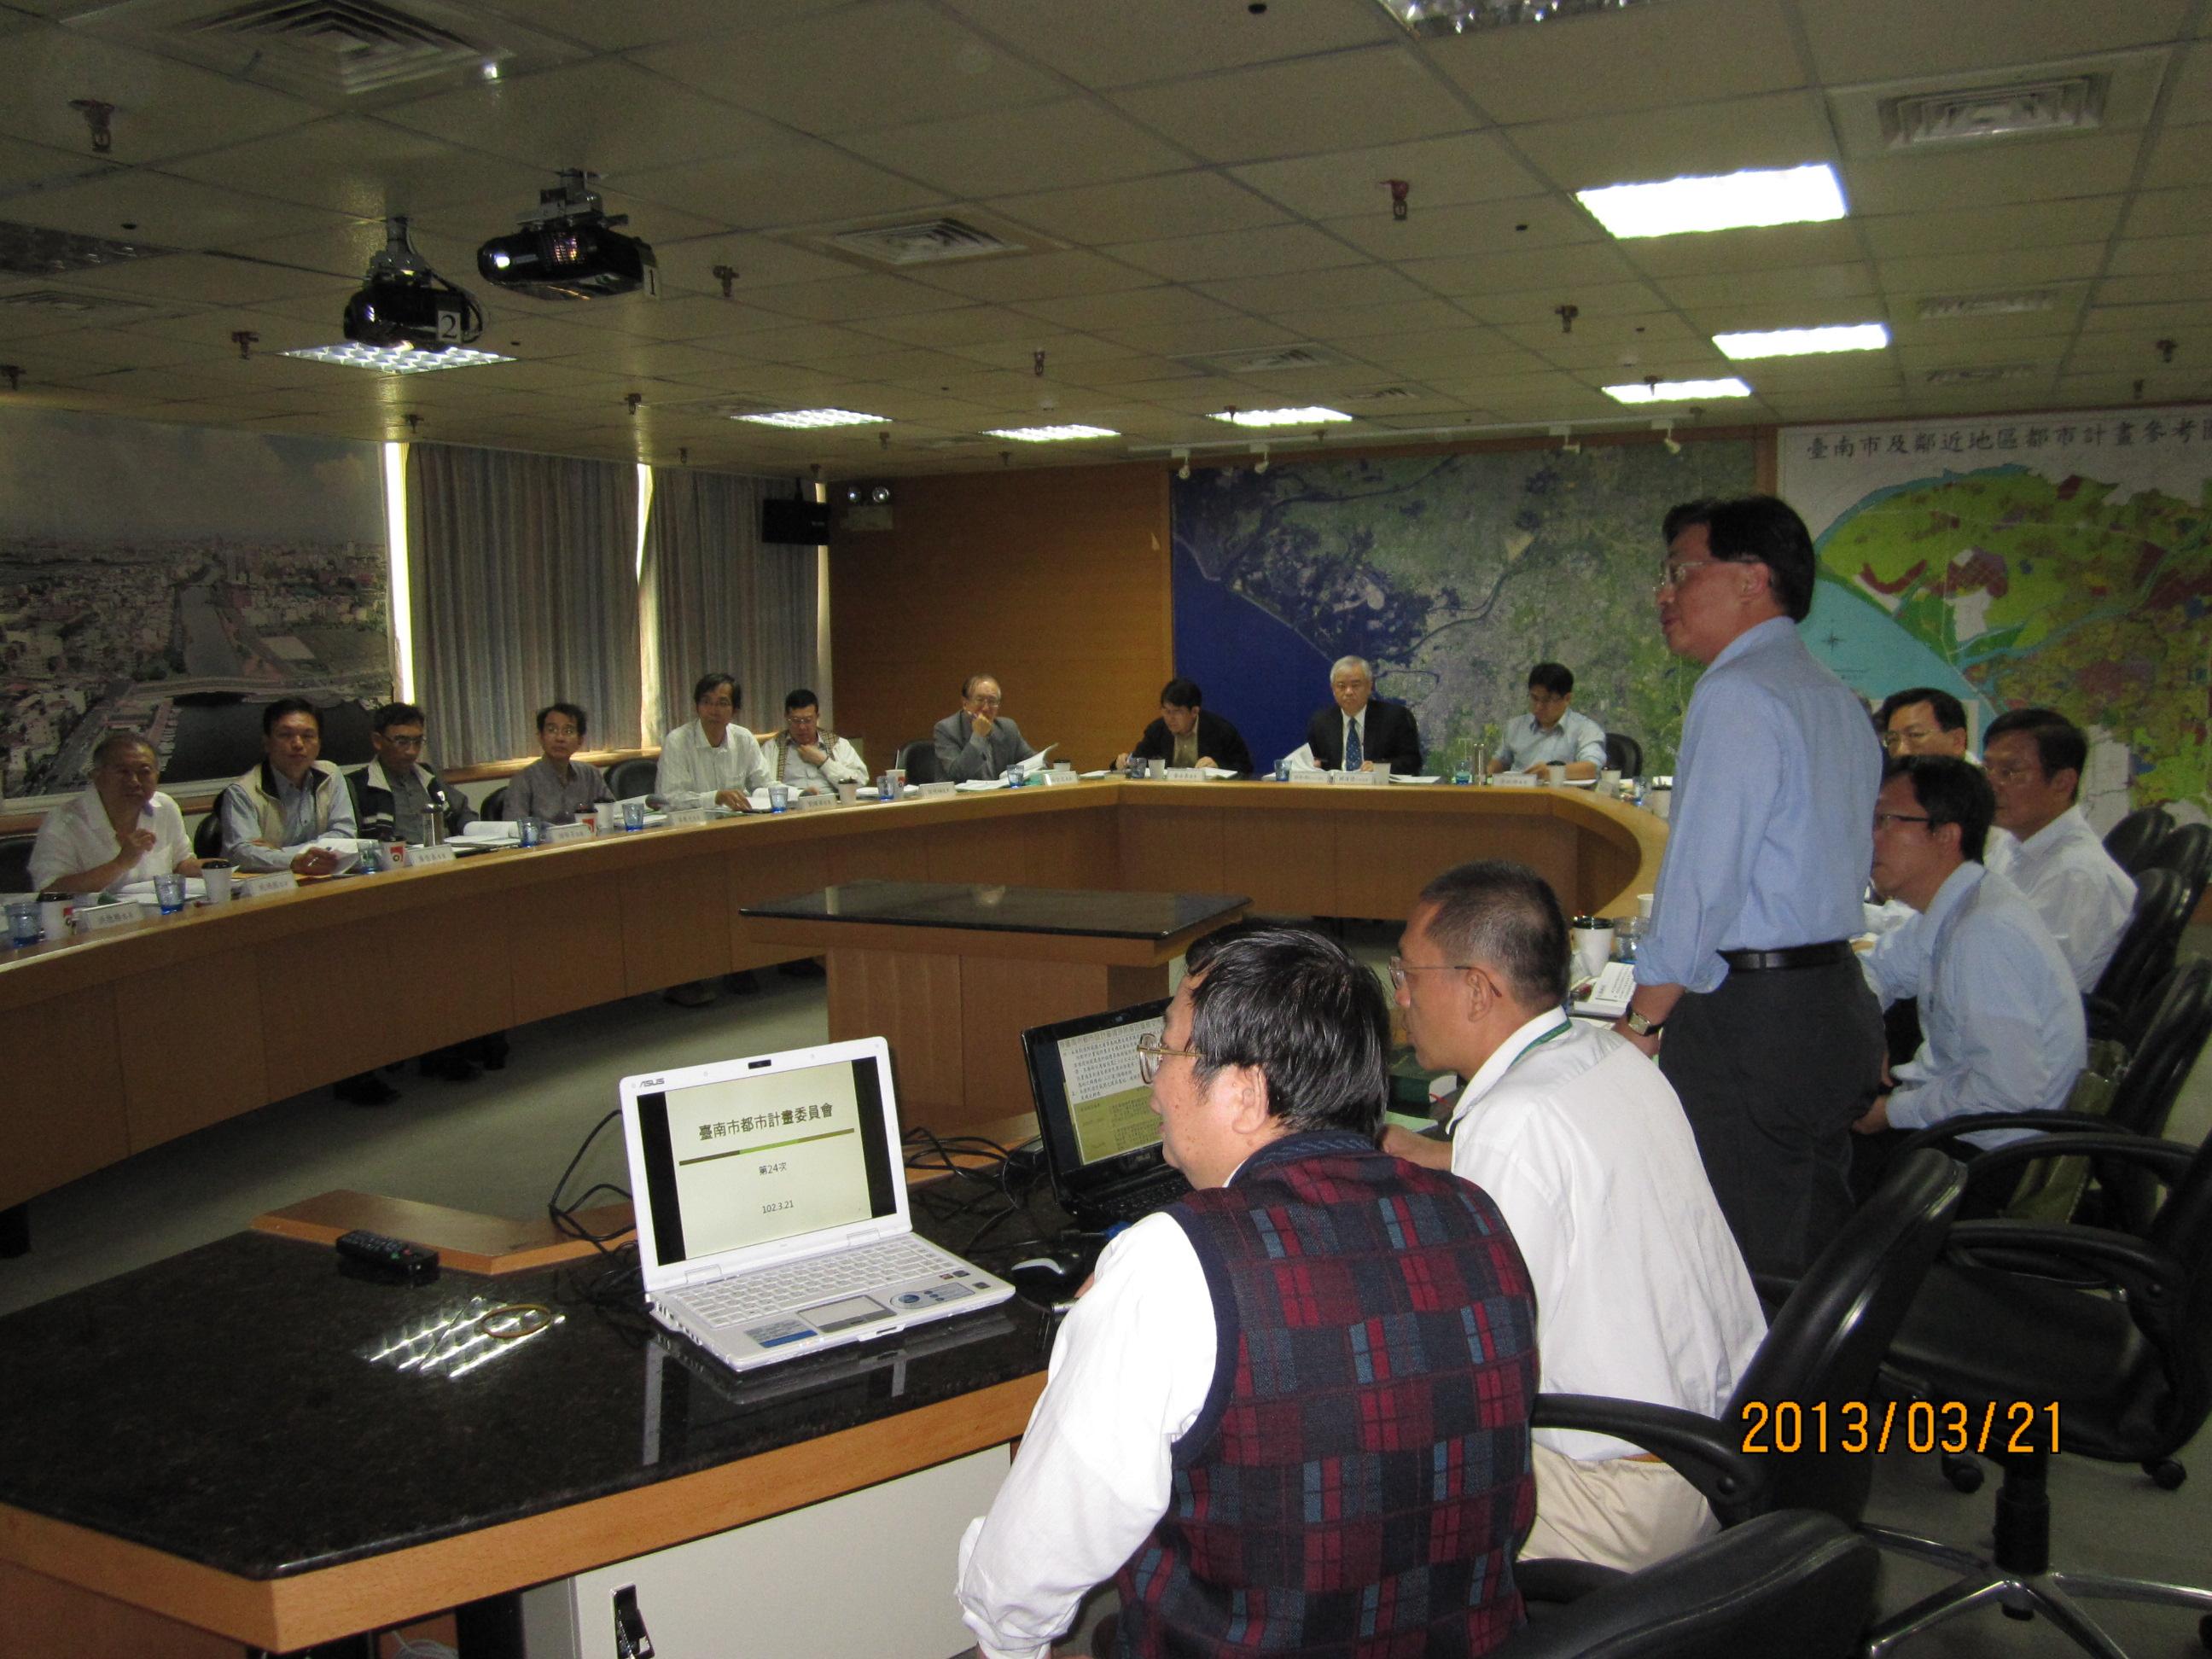 許副市長到任首次主持都市計畫委員會,審議通過西港區工業區擴大變更案,加速地區經濟發展  0